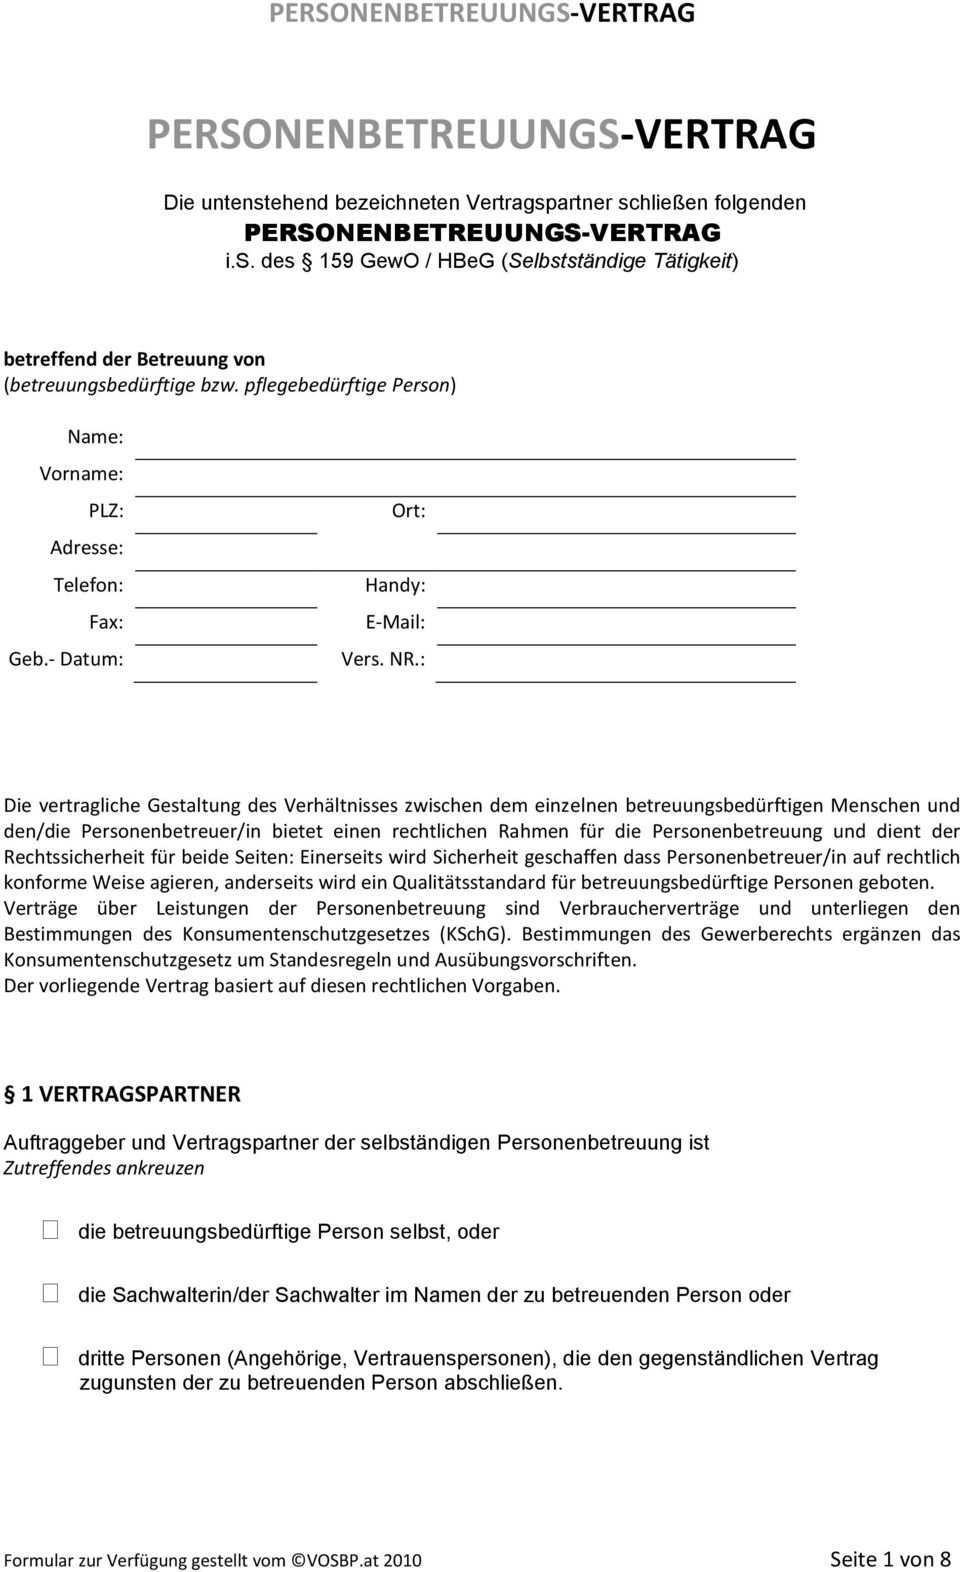 Personenbetreuungs Vertrag Pdf Free Download